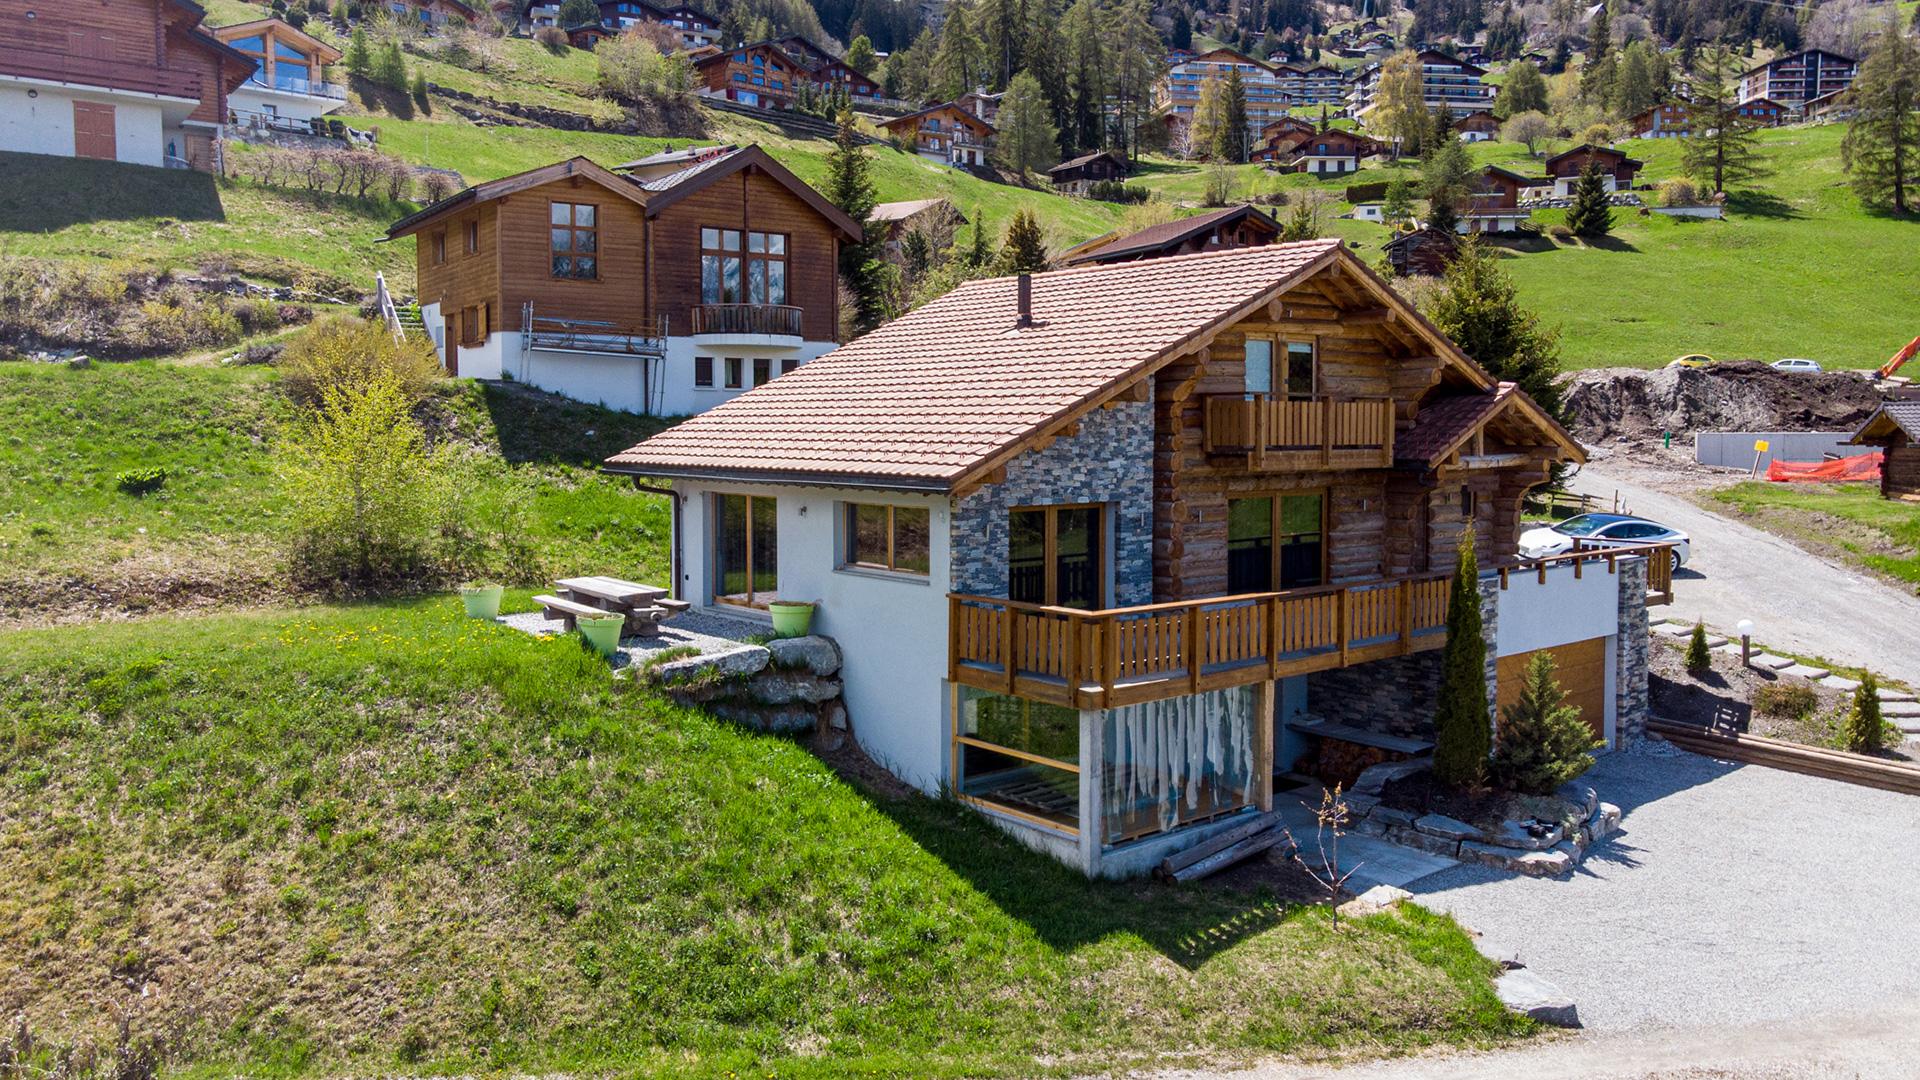 Chalet Foret Chalet, Switzerland